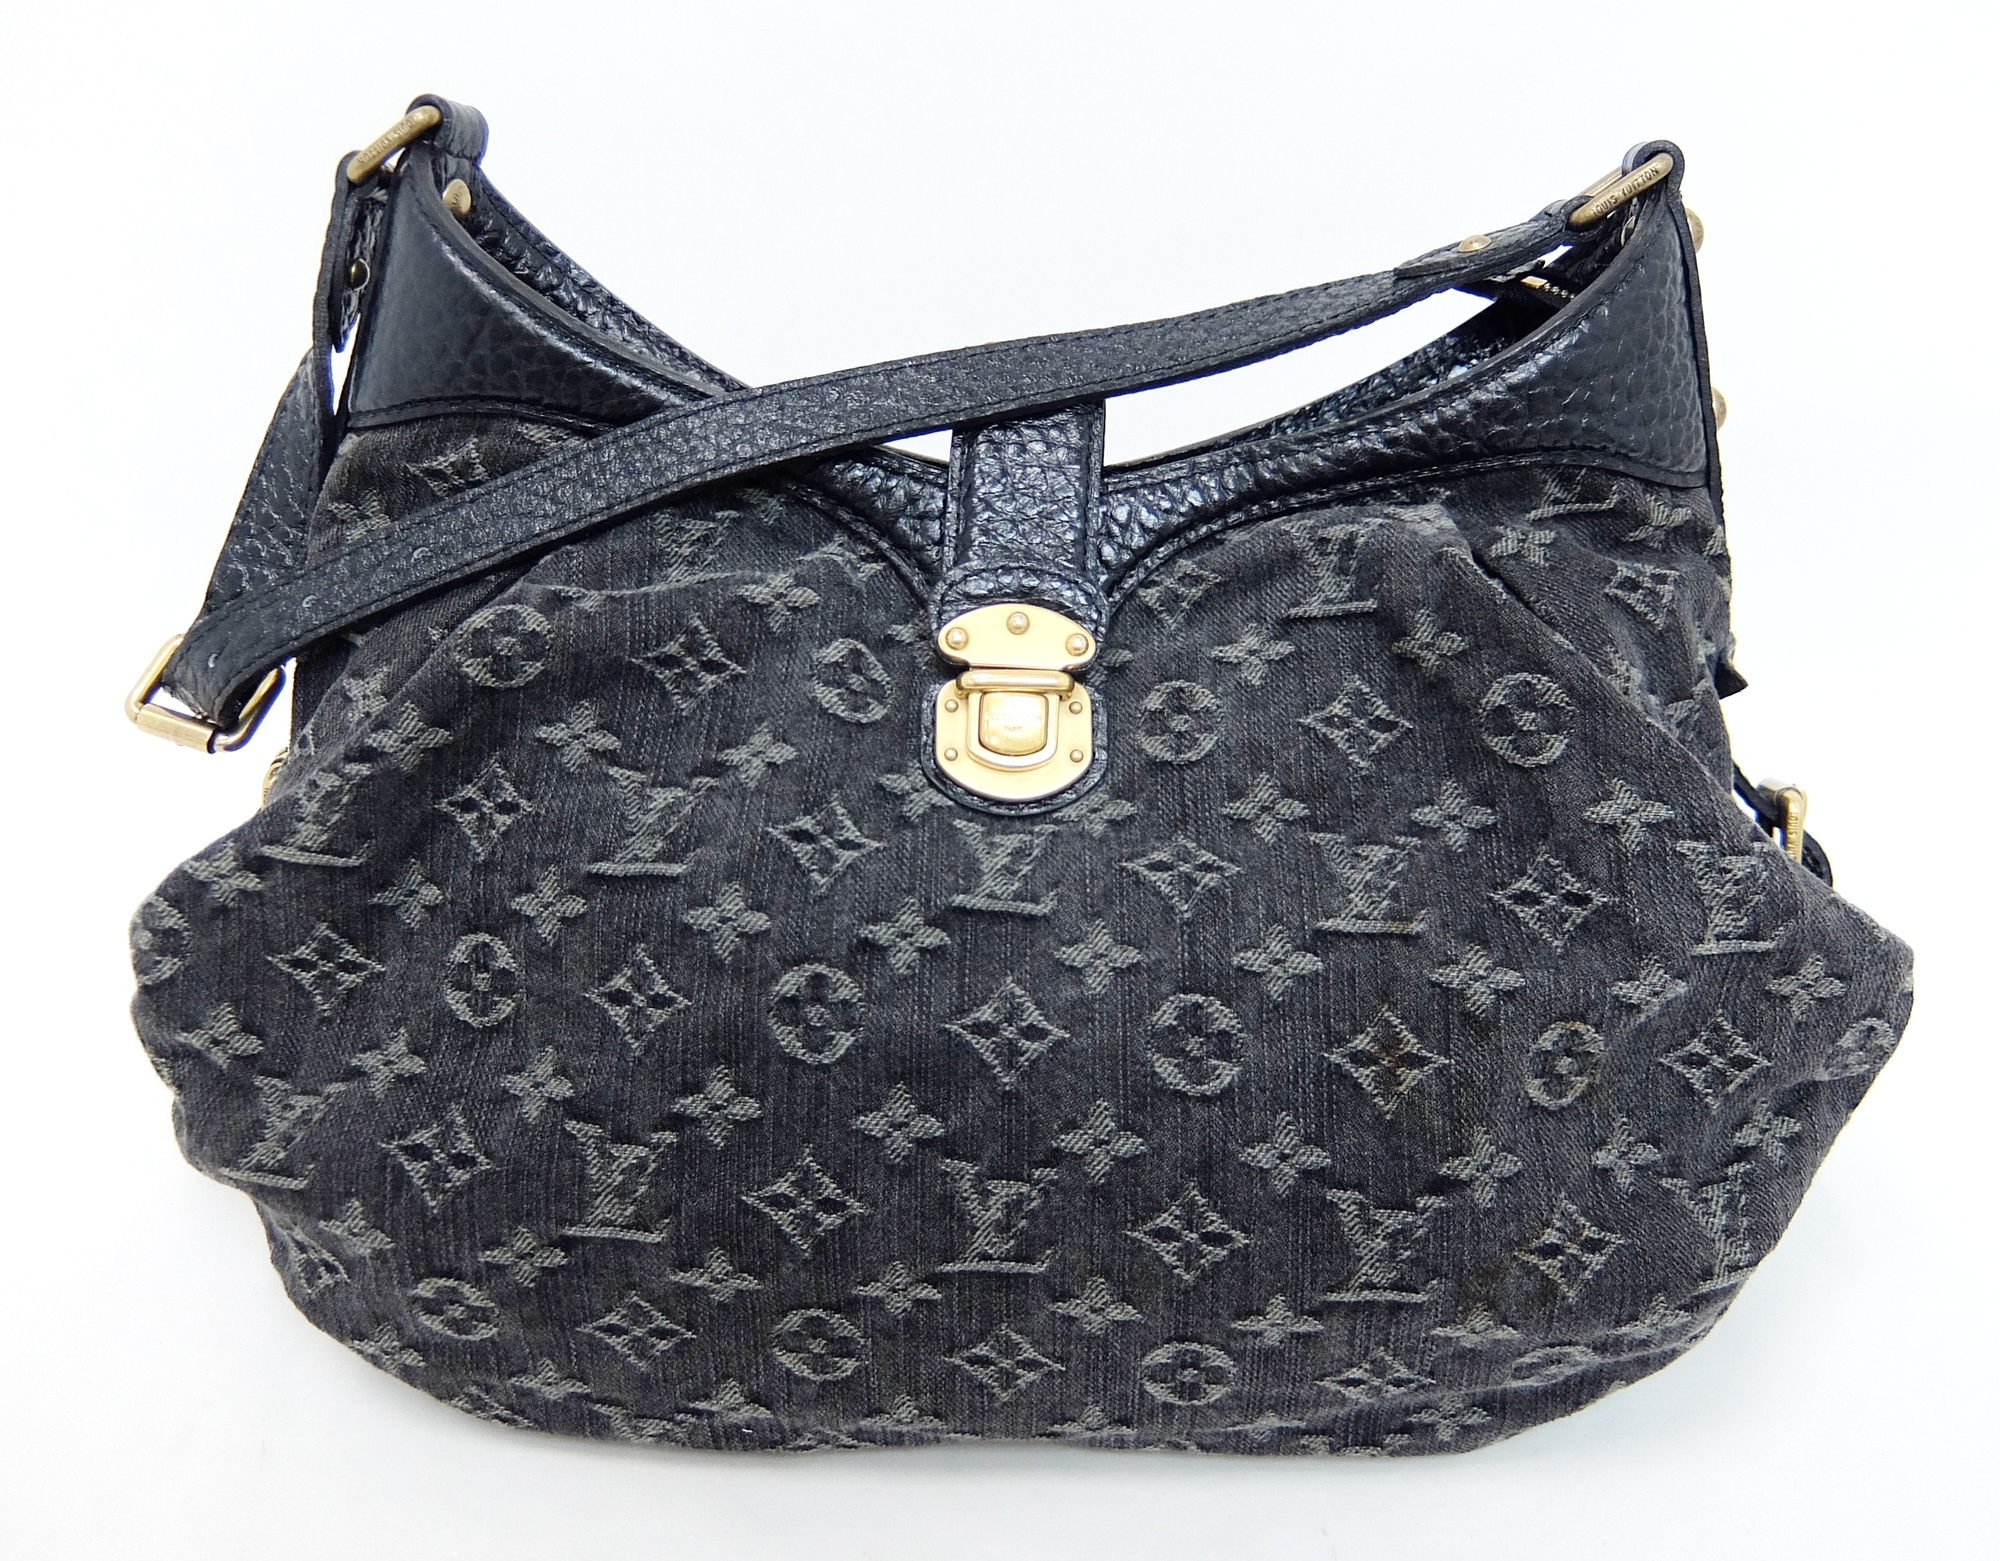 8d1bfb040b82 Auth Louis Vuitton Monogram Denim M95608 Shoulder Bag Black